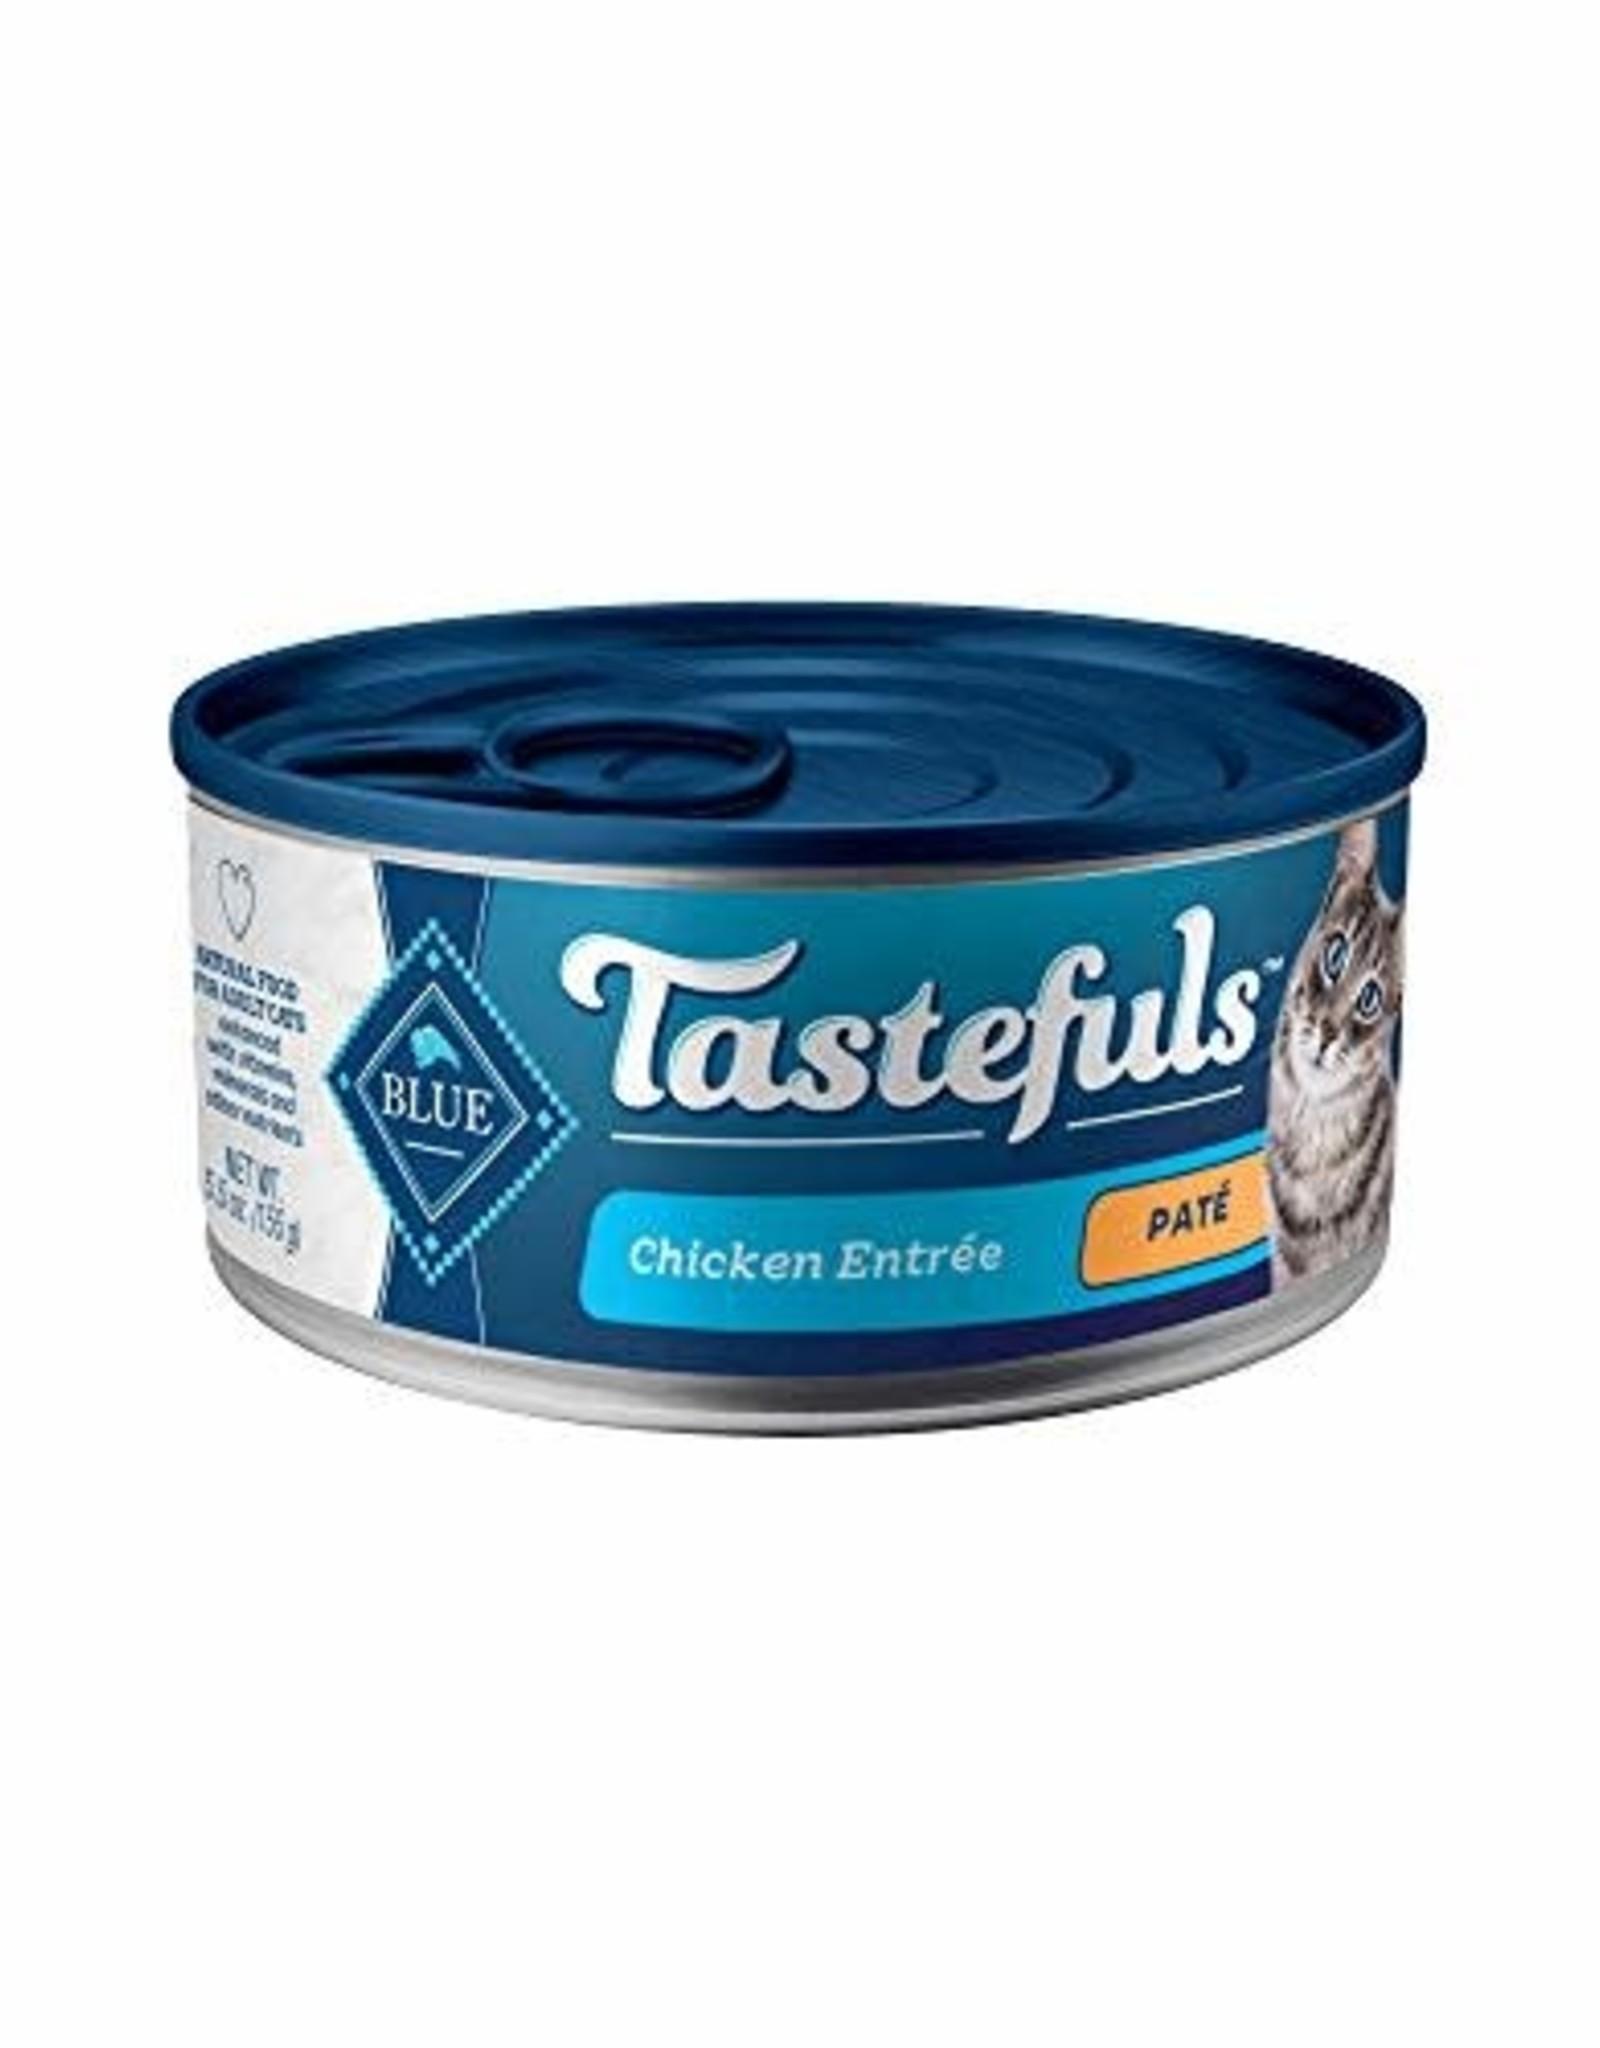 Blue Buffalo BLUE BUFFALO CAT TASTEFULS PATE KITTEN CHICKEN ENTREE 3oz